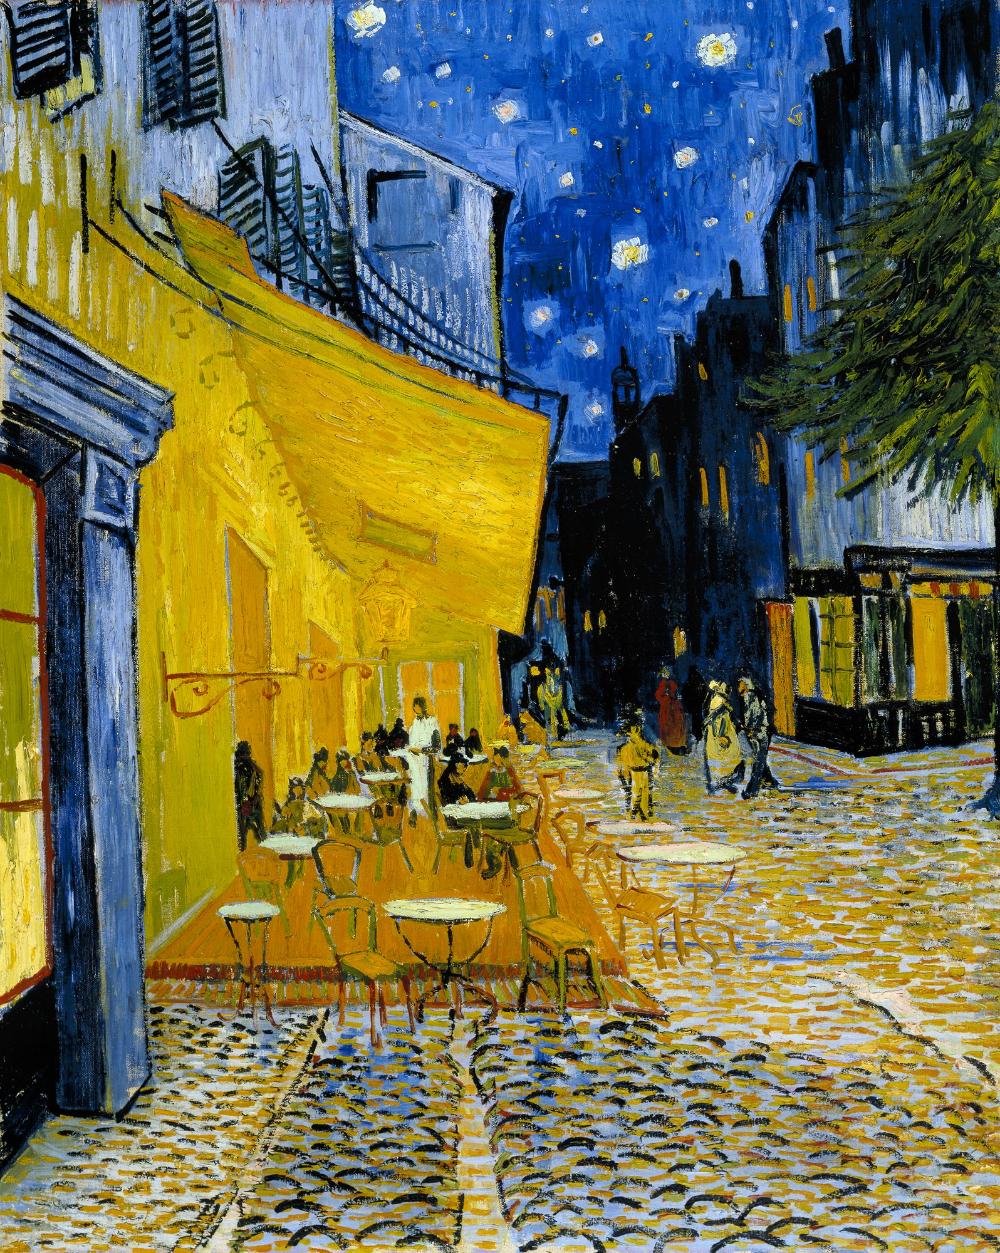 أشهر لوحات الفنان فنسنت فان جوخ البديل Van Gogh Landscapes Van Gogh Art Van Gogh Paintings